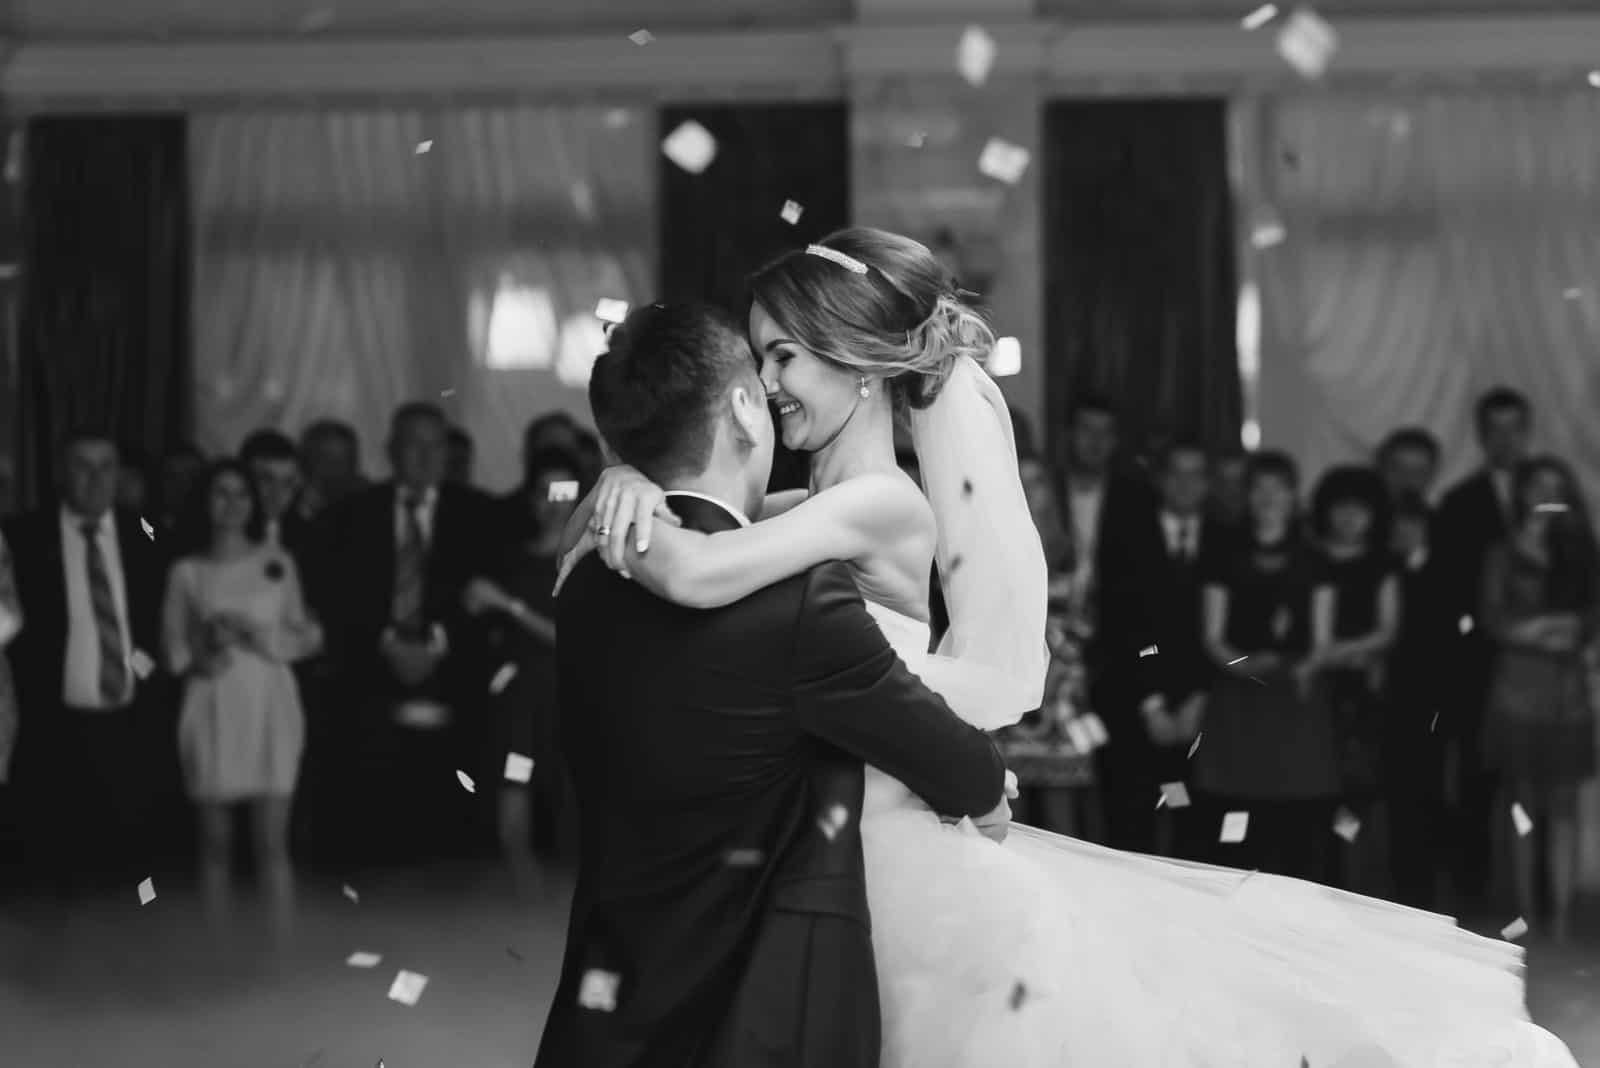 Die Braut umarmt den Verlobten, während sie im Restaurant tanzt